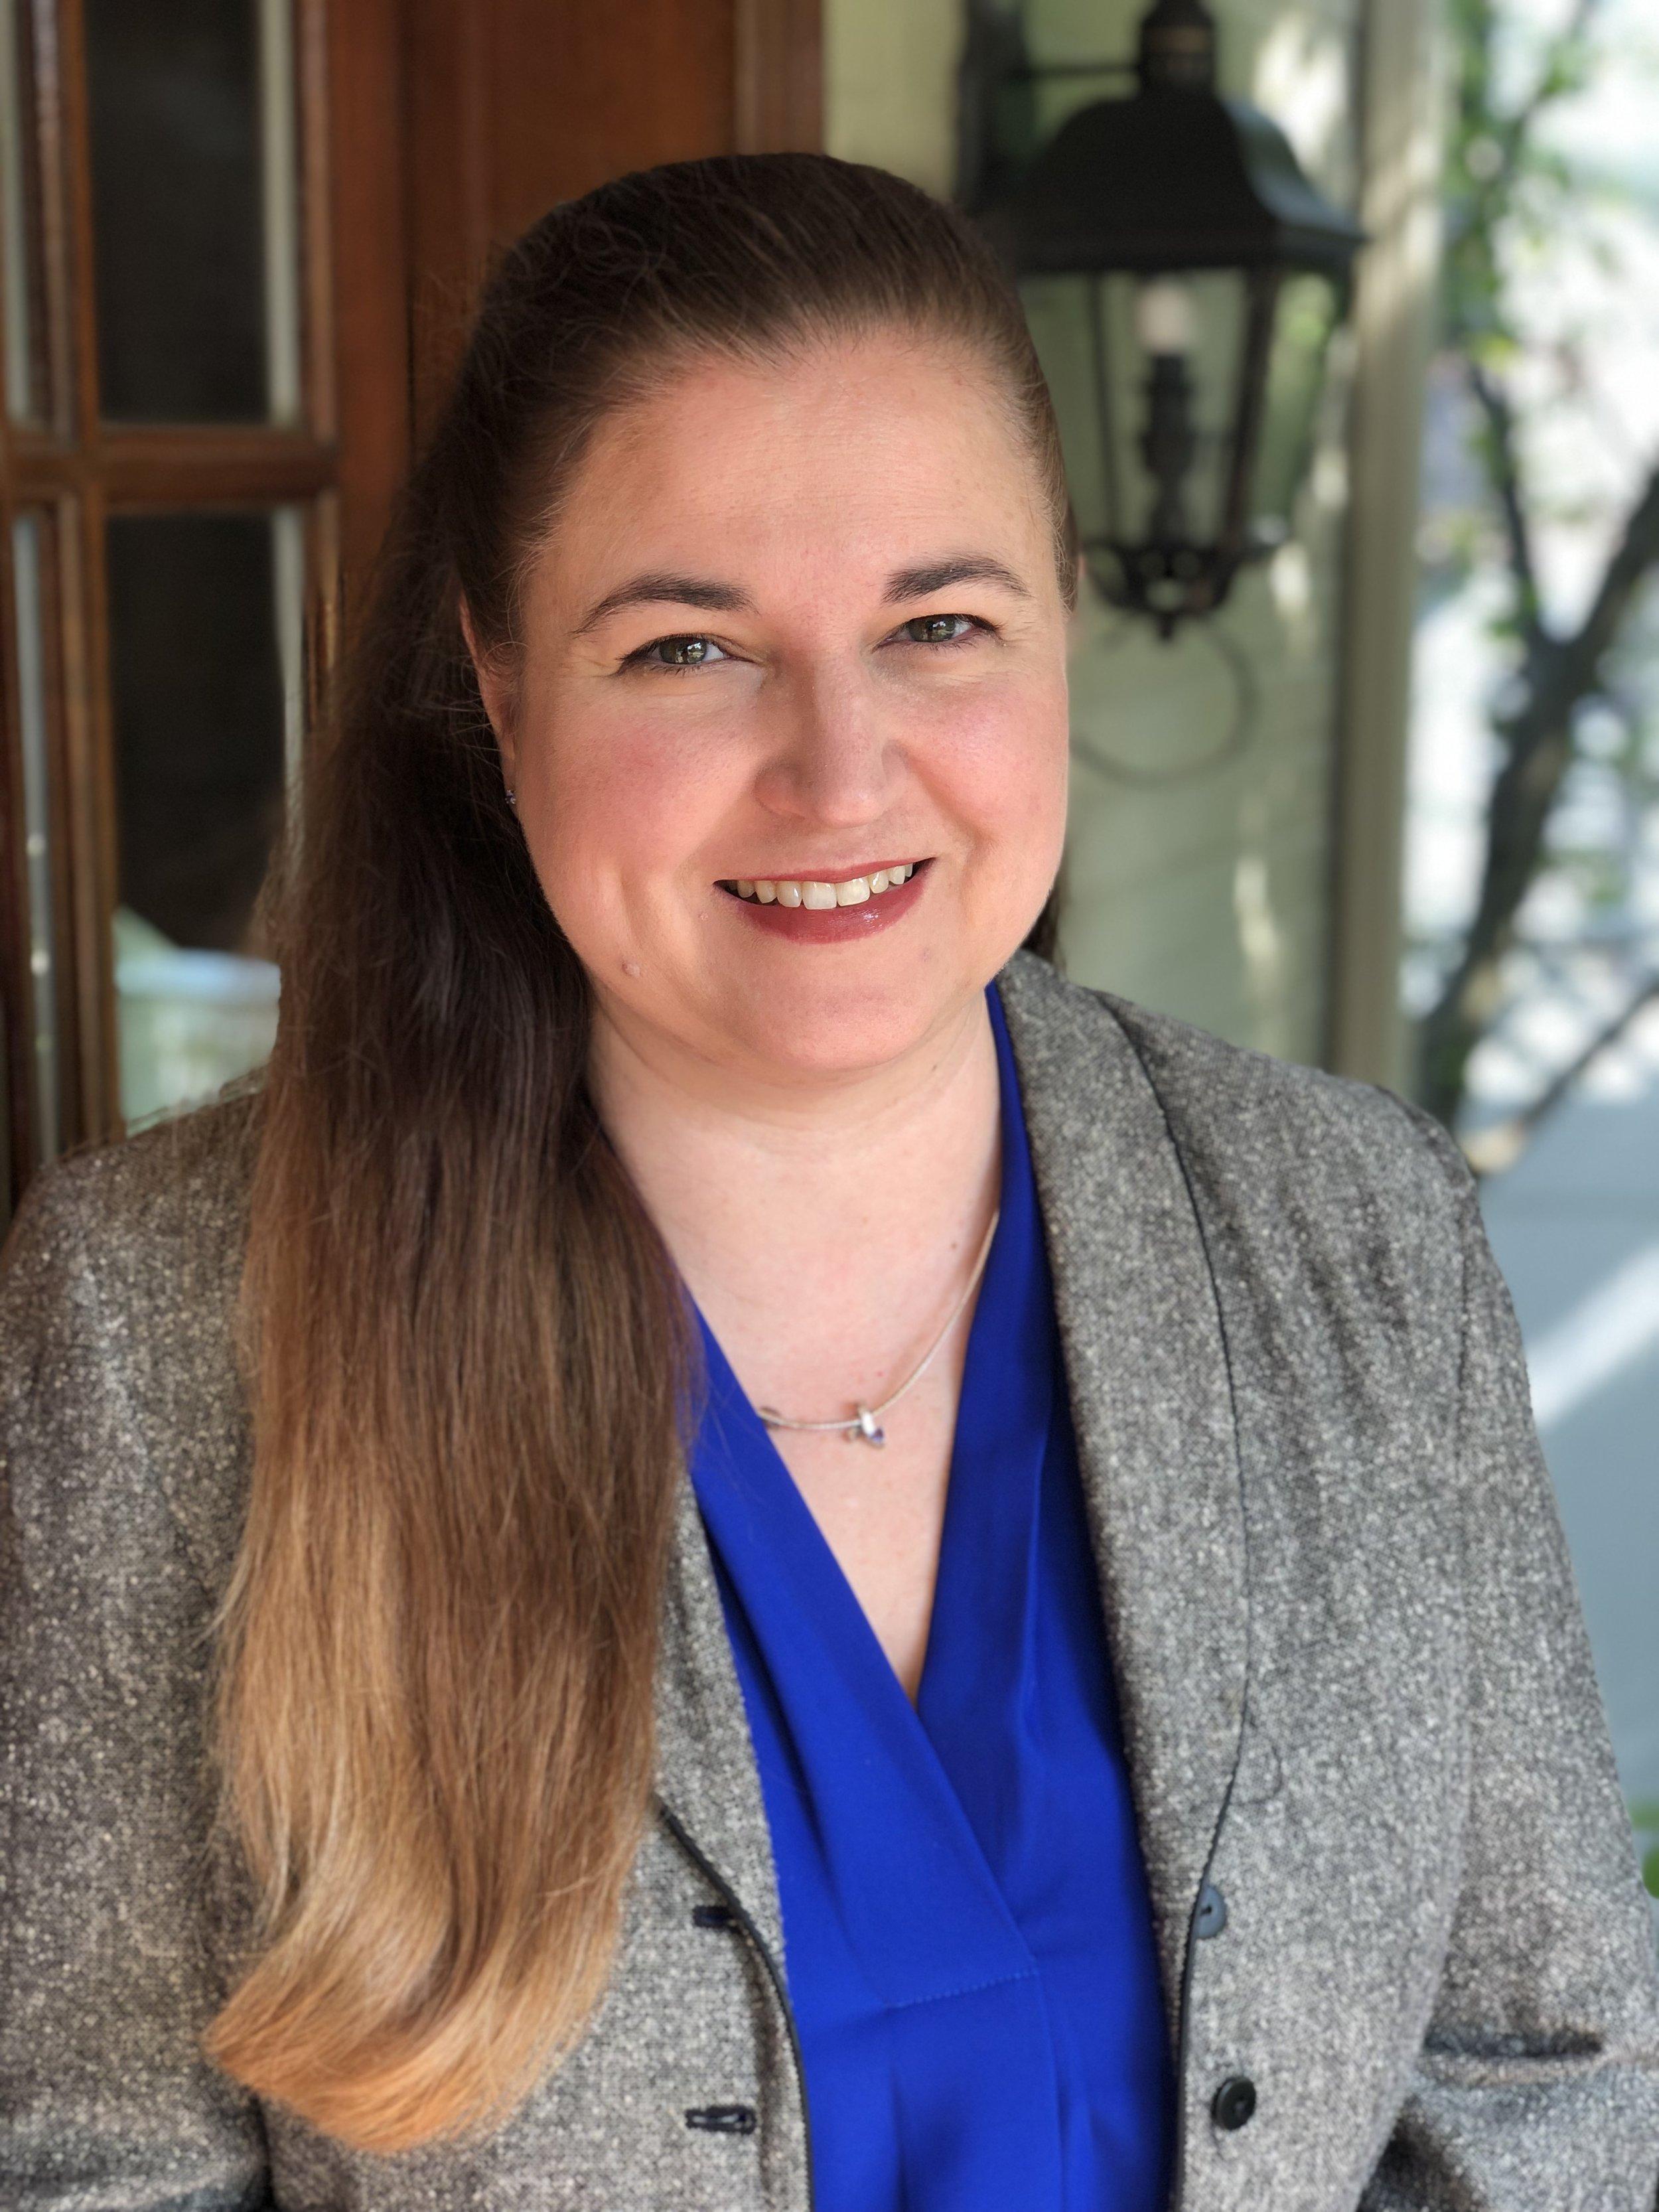 Michelle V. Stallings, Associate